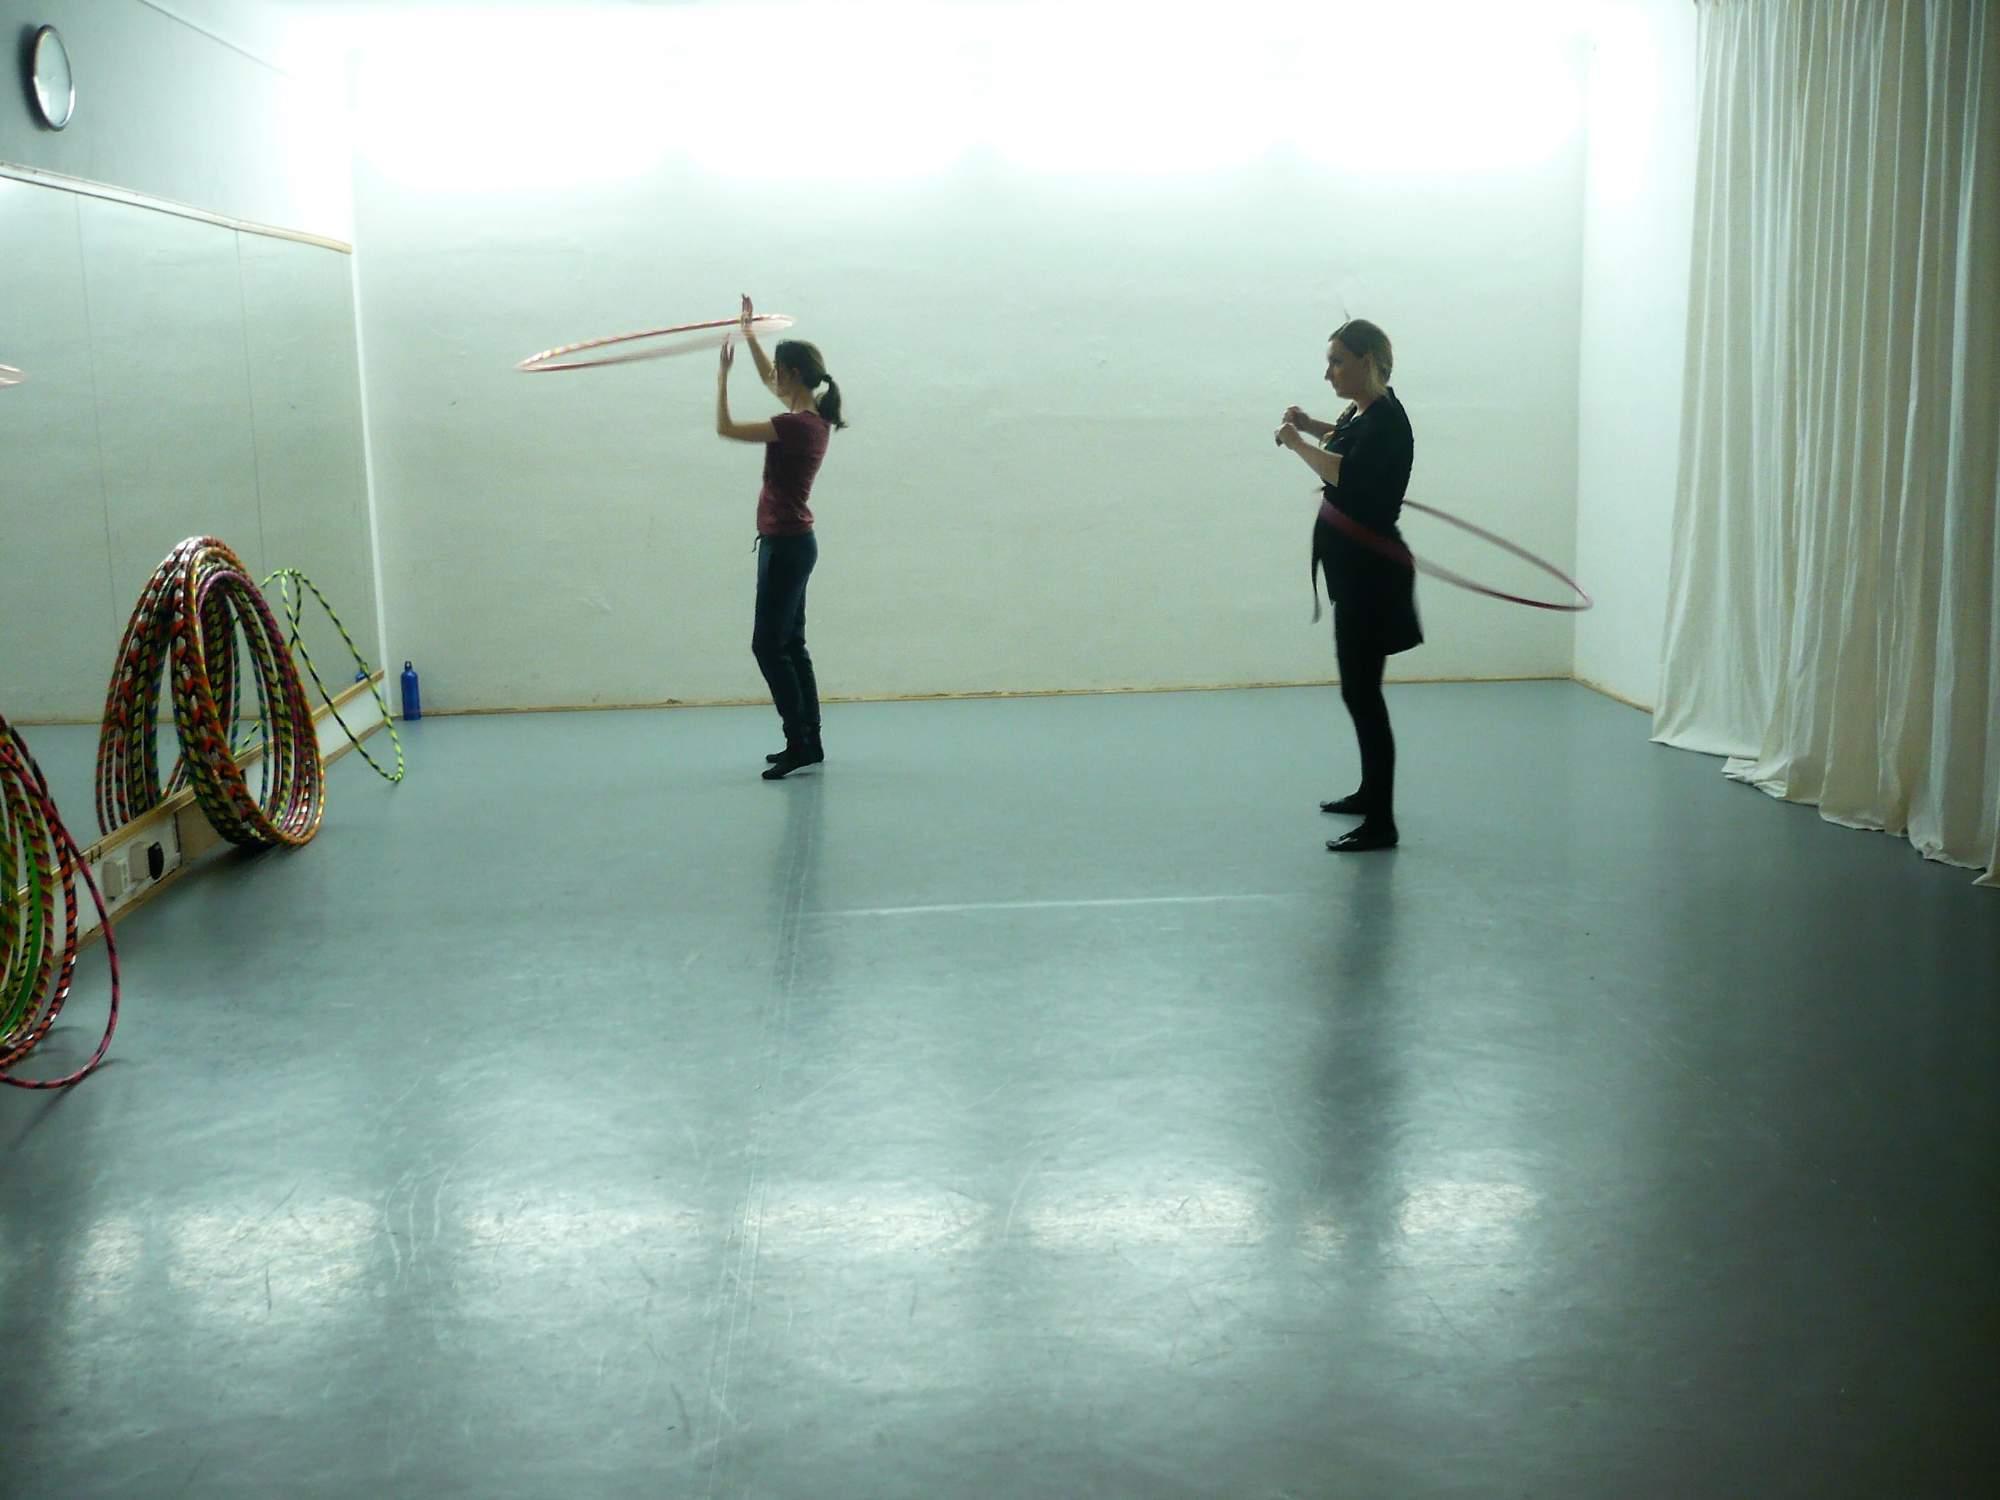 Tanečnice procvičují triky před velkými zrcadly. Foto: Dominika Vrbecká